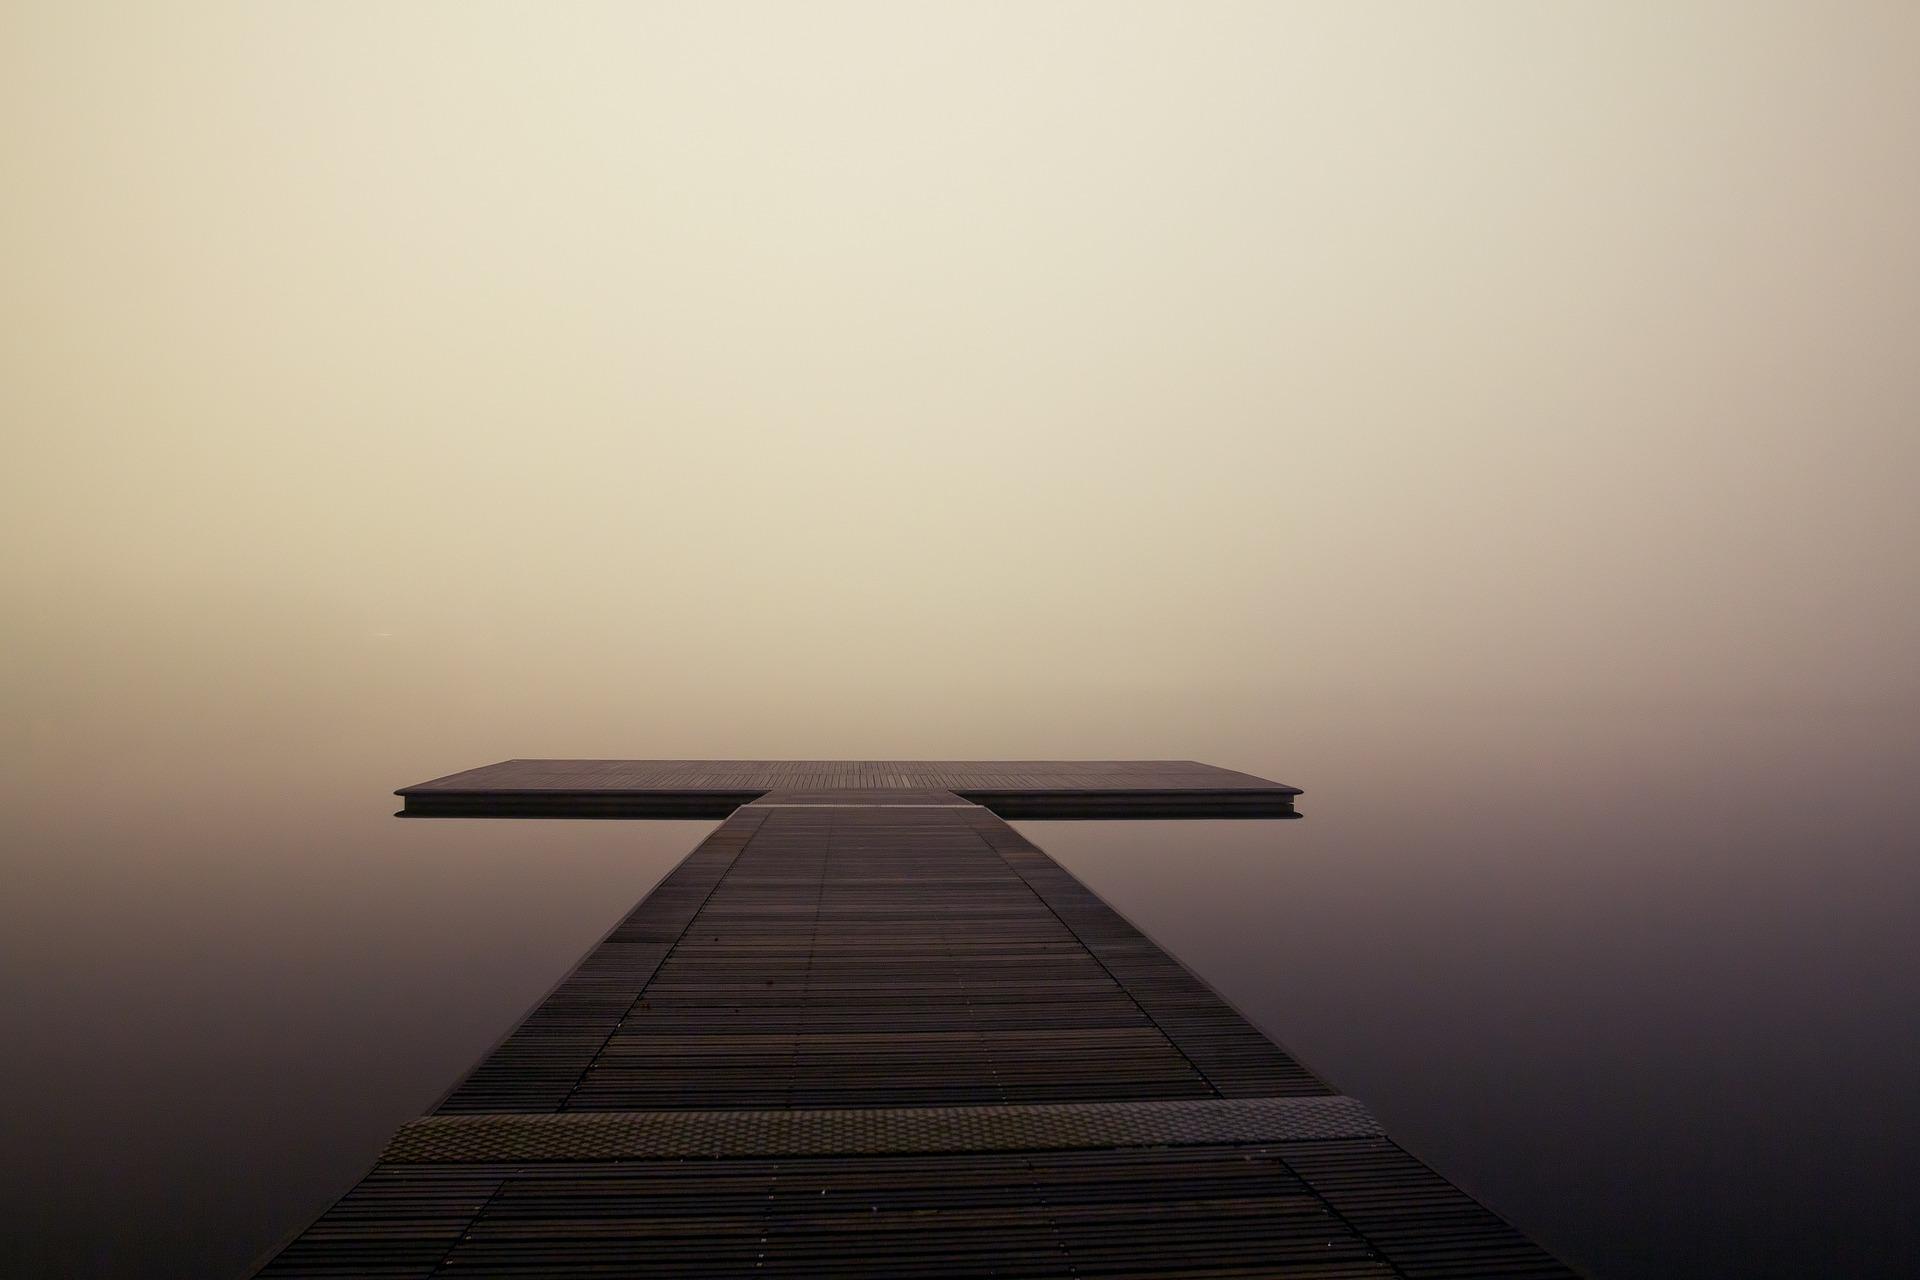 春, 木材, 湖, 穏やかな, リラックス - HD の壁紙 - 教授-falken.com